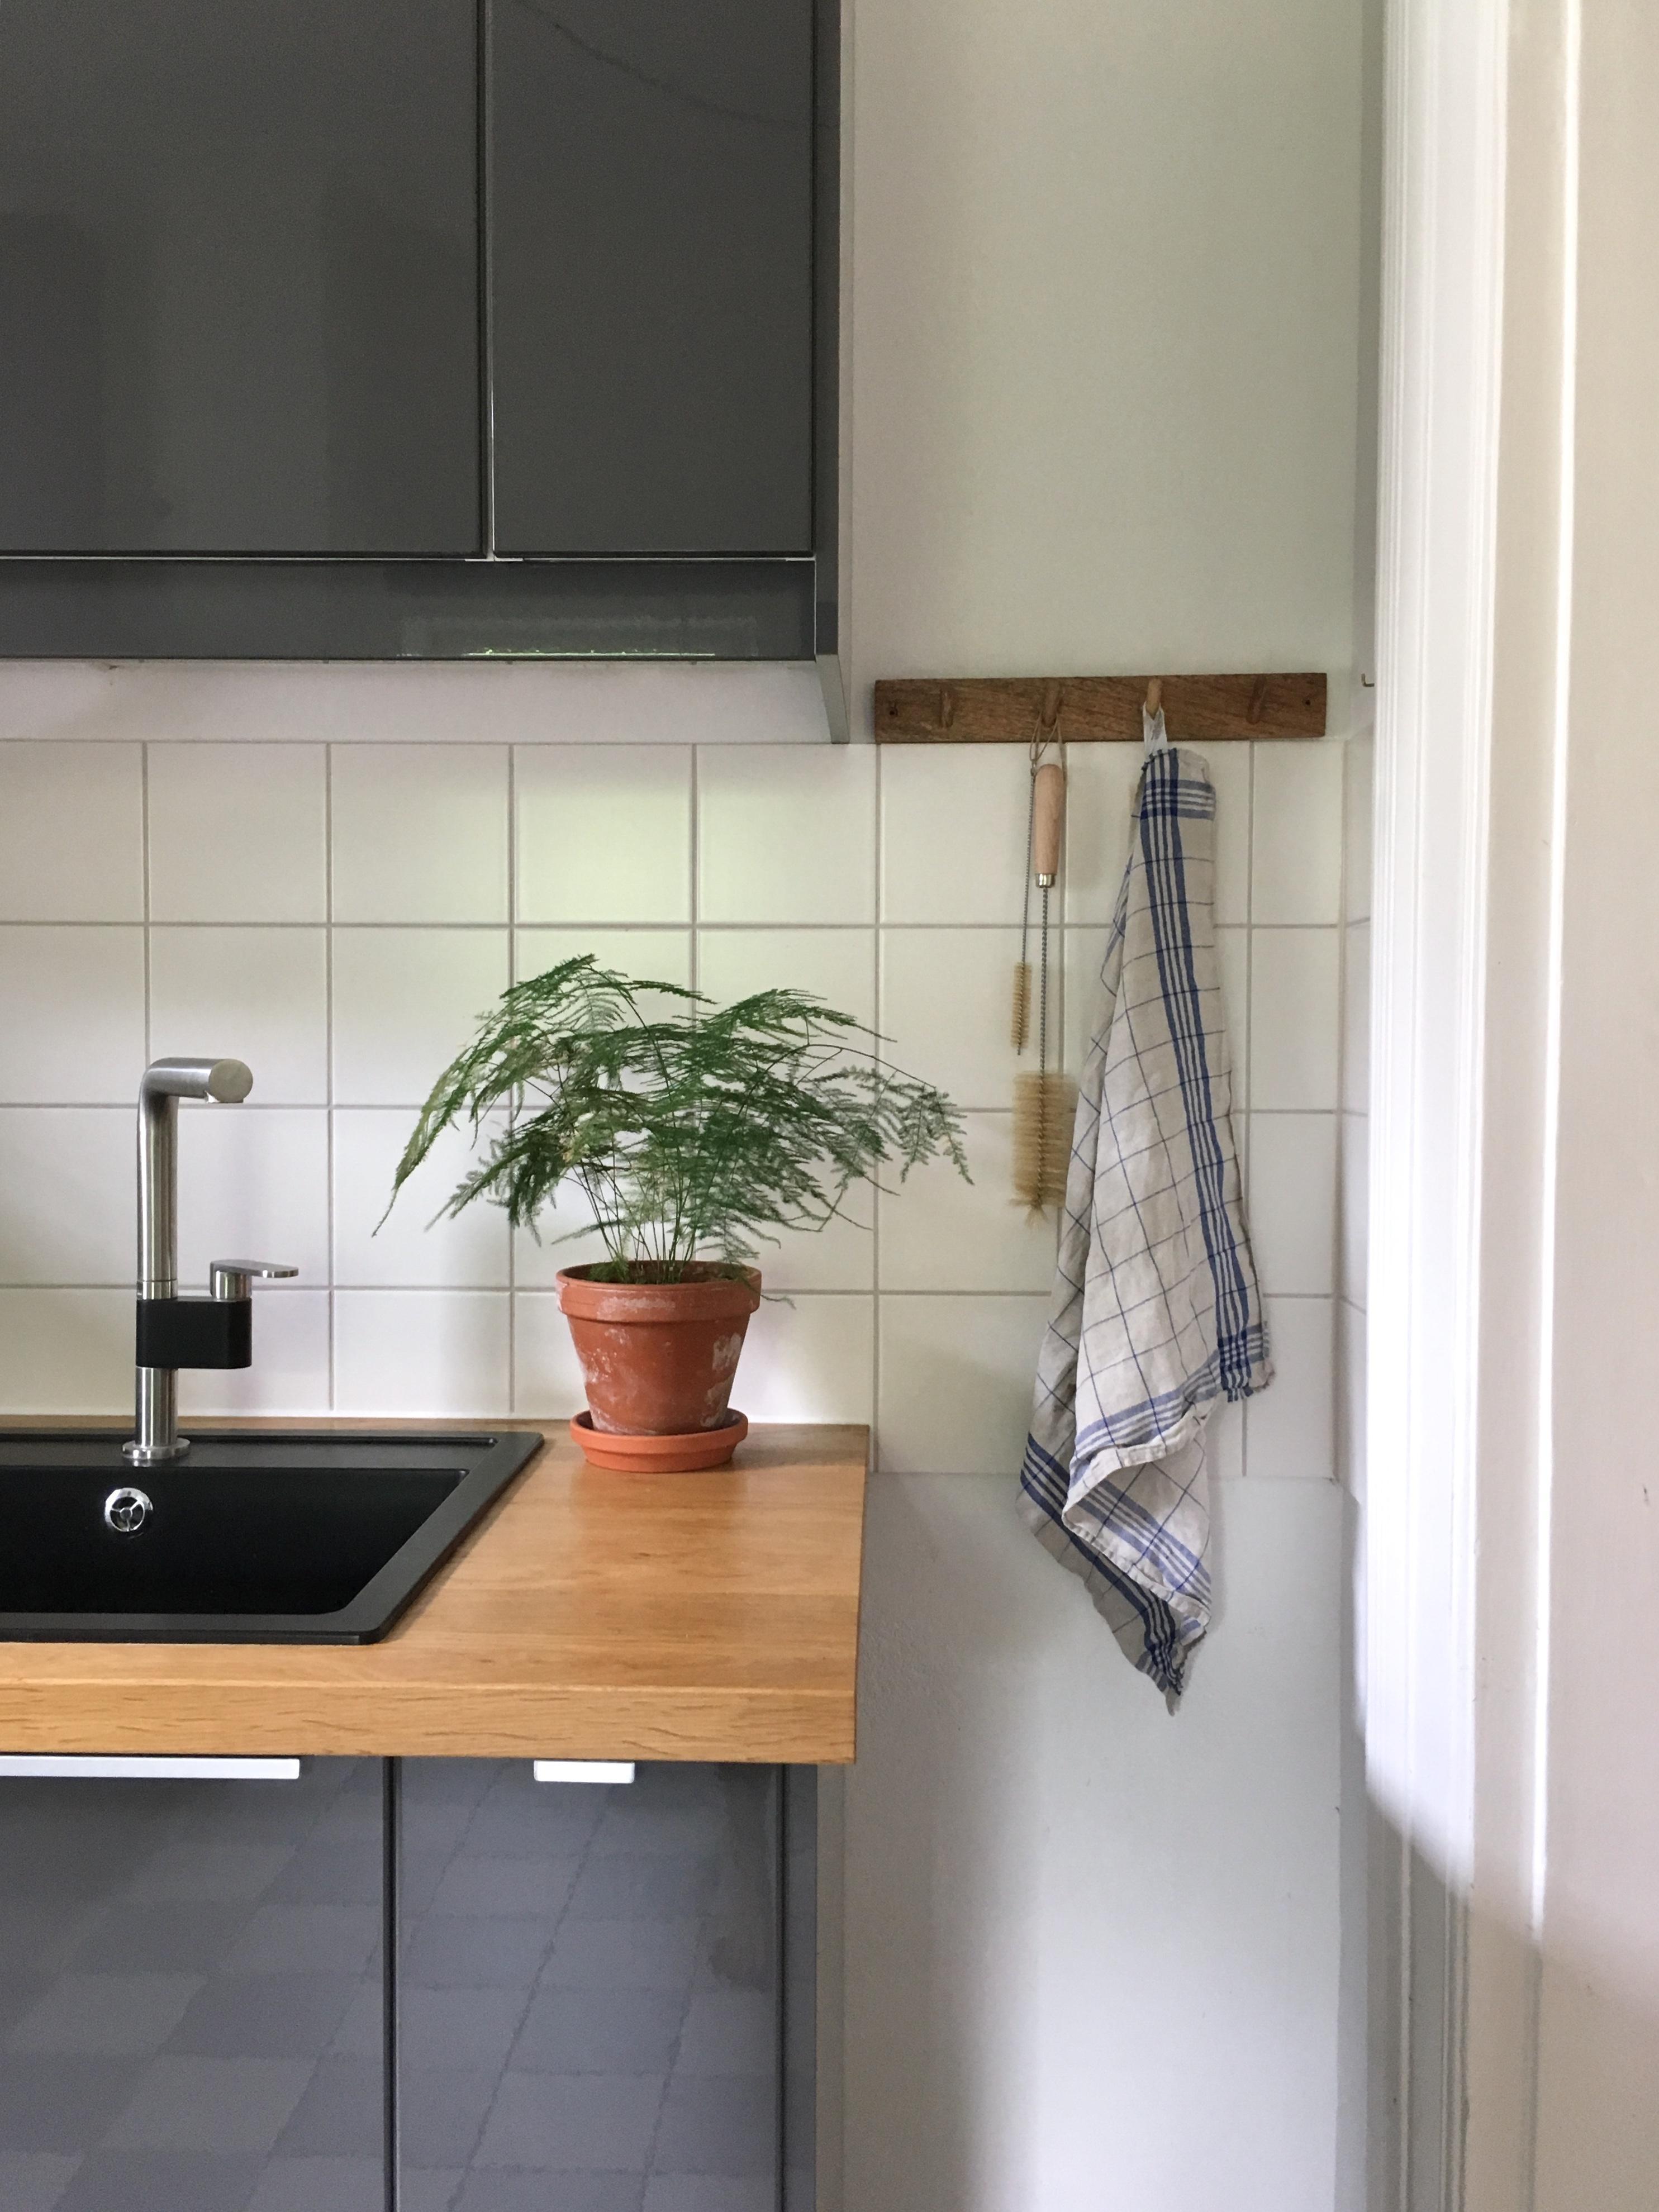 Ikea hangetopf kuche - Kuche deko ikea ...